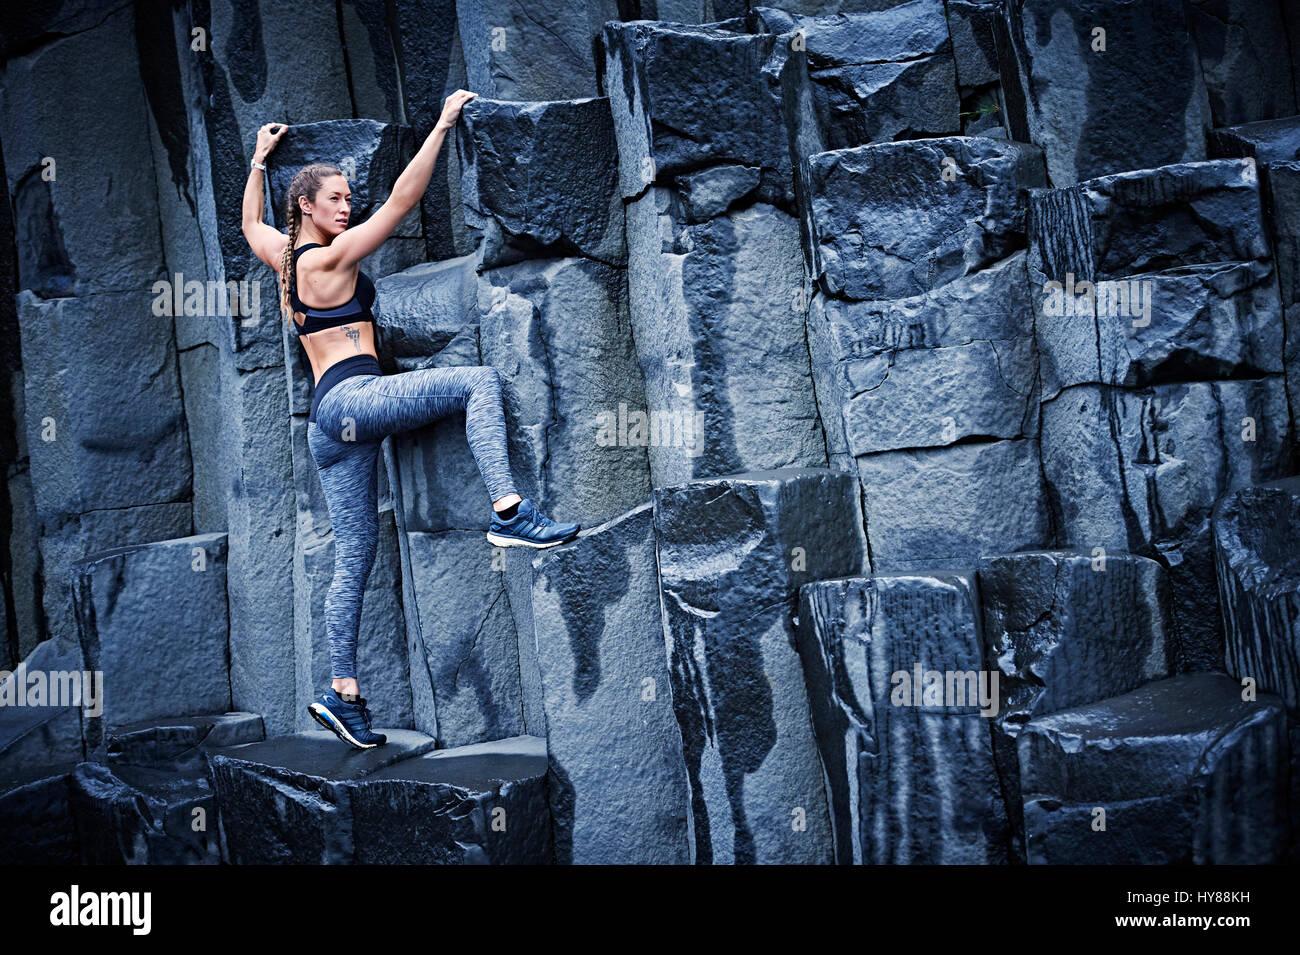 Heureux confiant les jeunes femmes d'escalade sur roche basaltique dans le sud de l'Islande Photo Stock